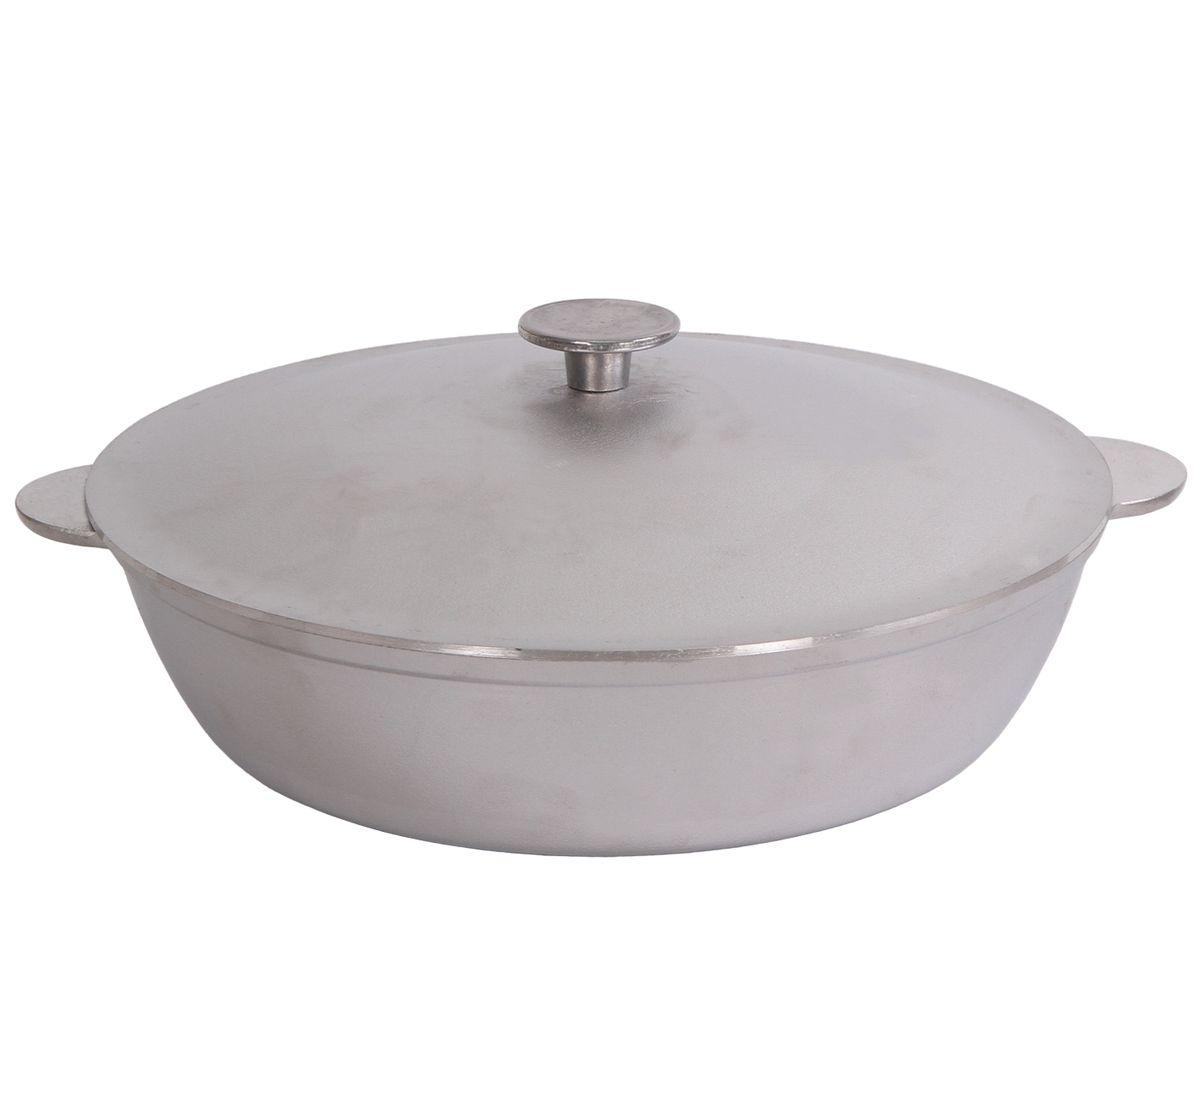 Сковорода, диаметр 30 см, с двумя алюминиевыми ручками и крышкой БИОЛА304Сковорода Биол изготовлена из литого алюминия. Изделие оснащено плотно прилегающей крышкой, позволяющей сохранить аромат готовящегося блюда. Сковорода снабжена двумя эргономичными ручками и имеет рельефное дно. Нельзя оставлять приготовленную пищу в посуде для хранения. Сковороду можно использовать на всех типах плит, кроме индукционных. Рекомендовано мыть вручную. Высота стенки: 6,2 см. Диаметр (по верхнему краю): 30 см. Ширина (с учетом ручек): 36,2 см.